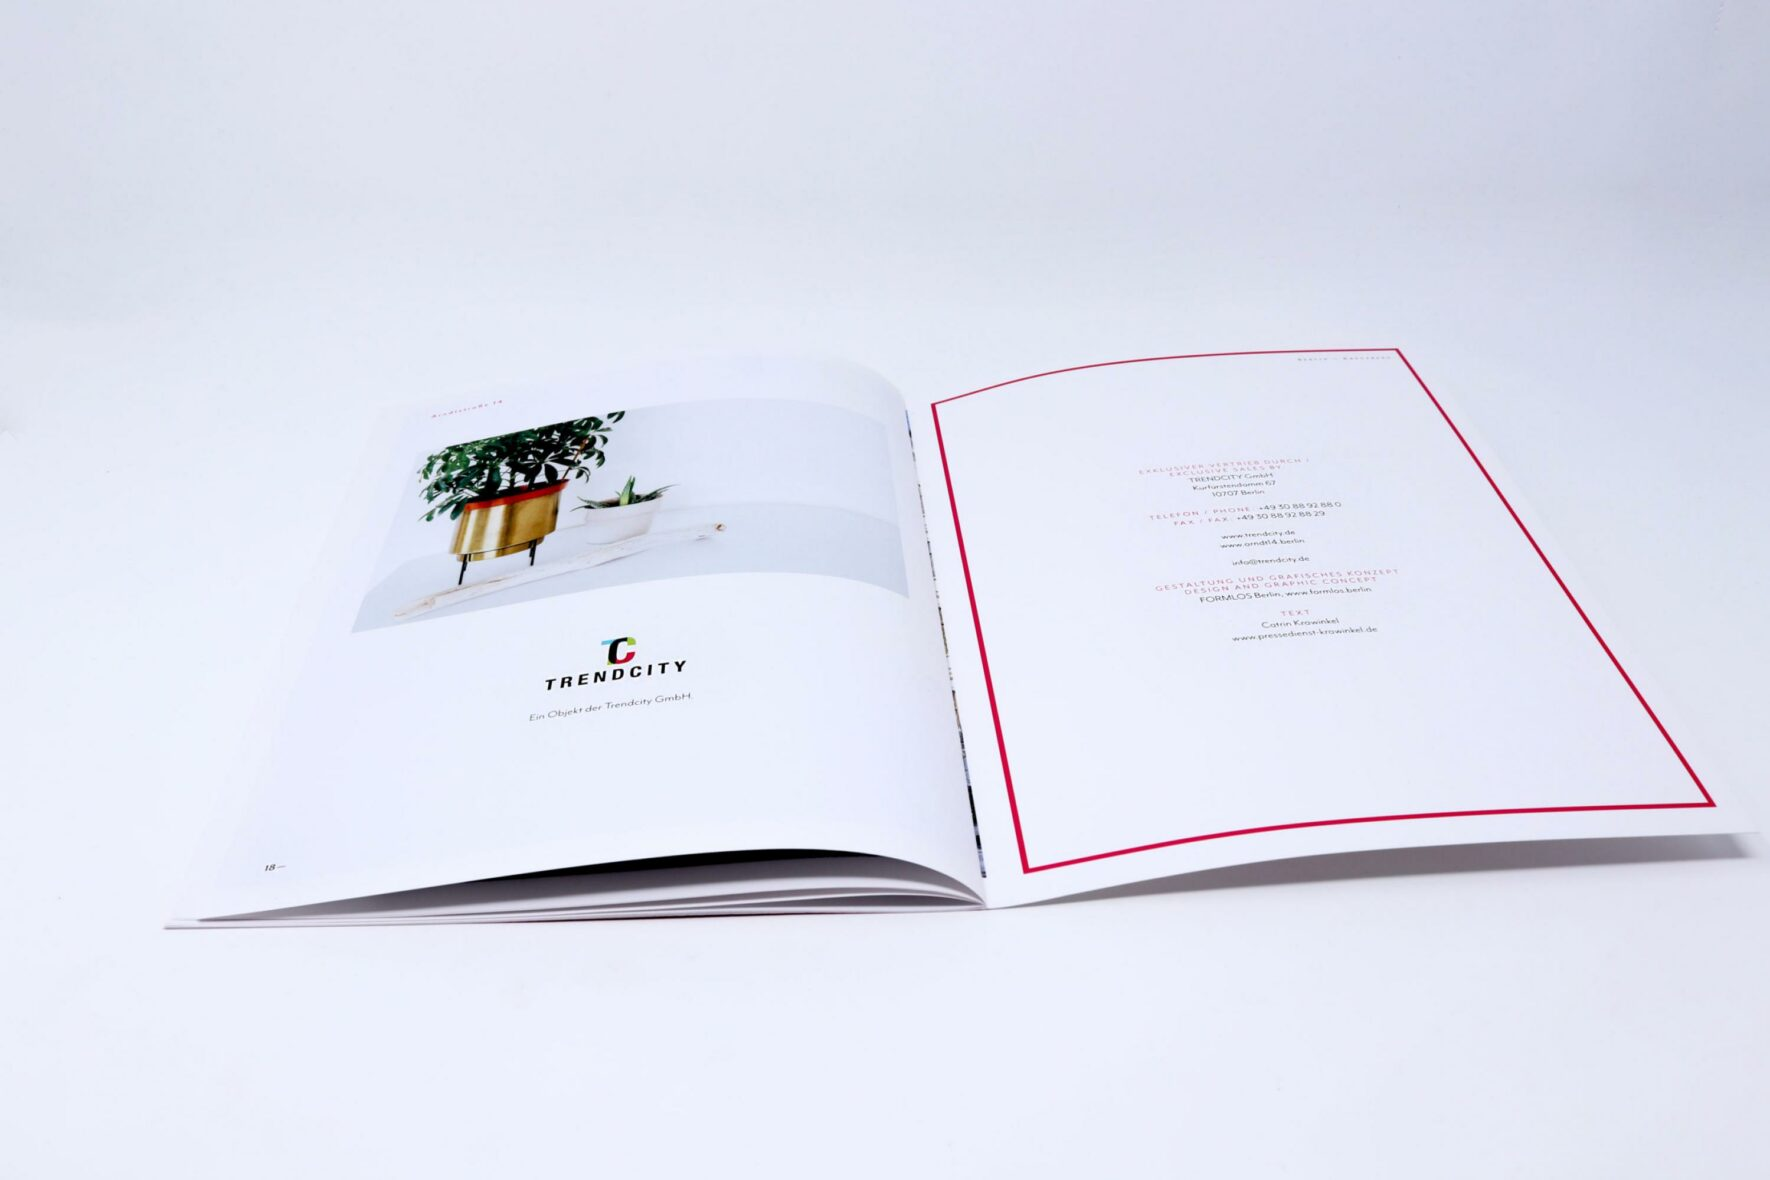 Corporate_Design-Trendcity-Immobilien-Arndt_Broschüre-Layout-7